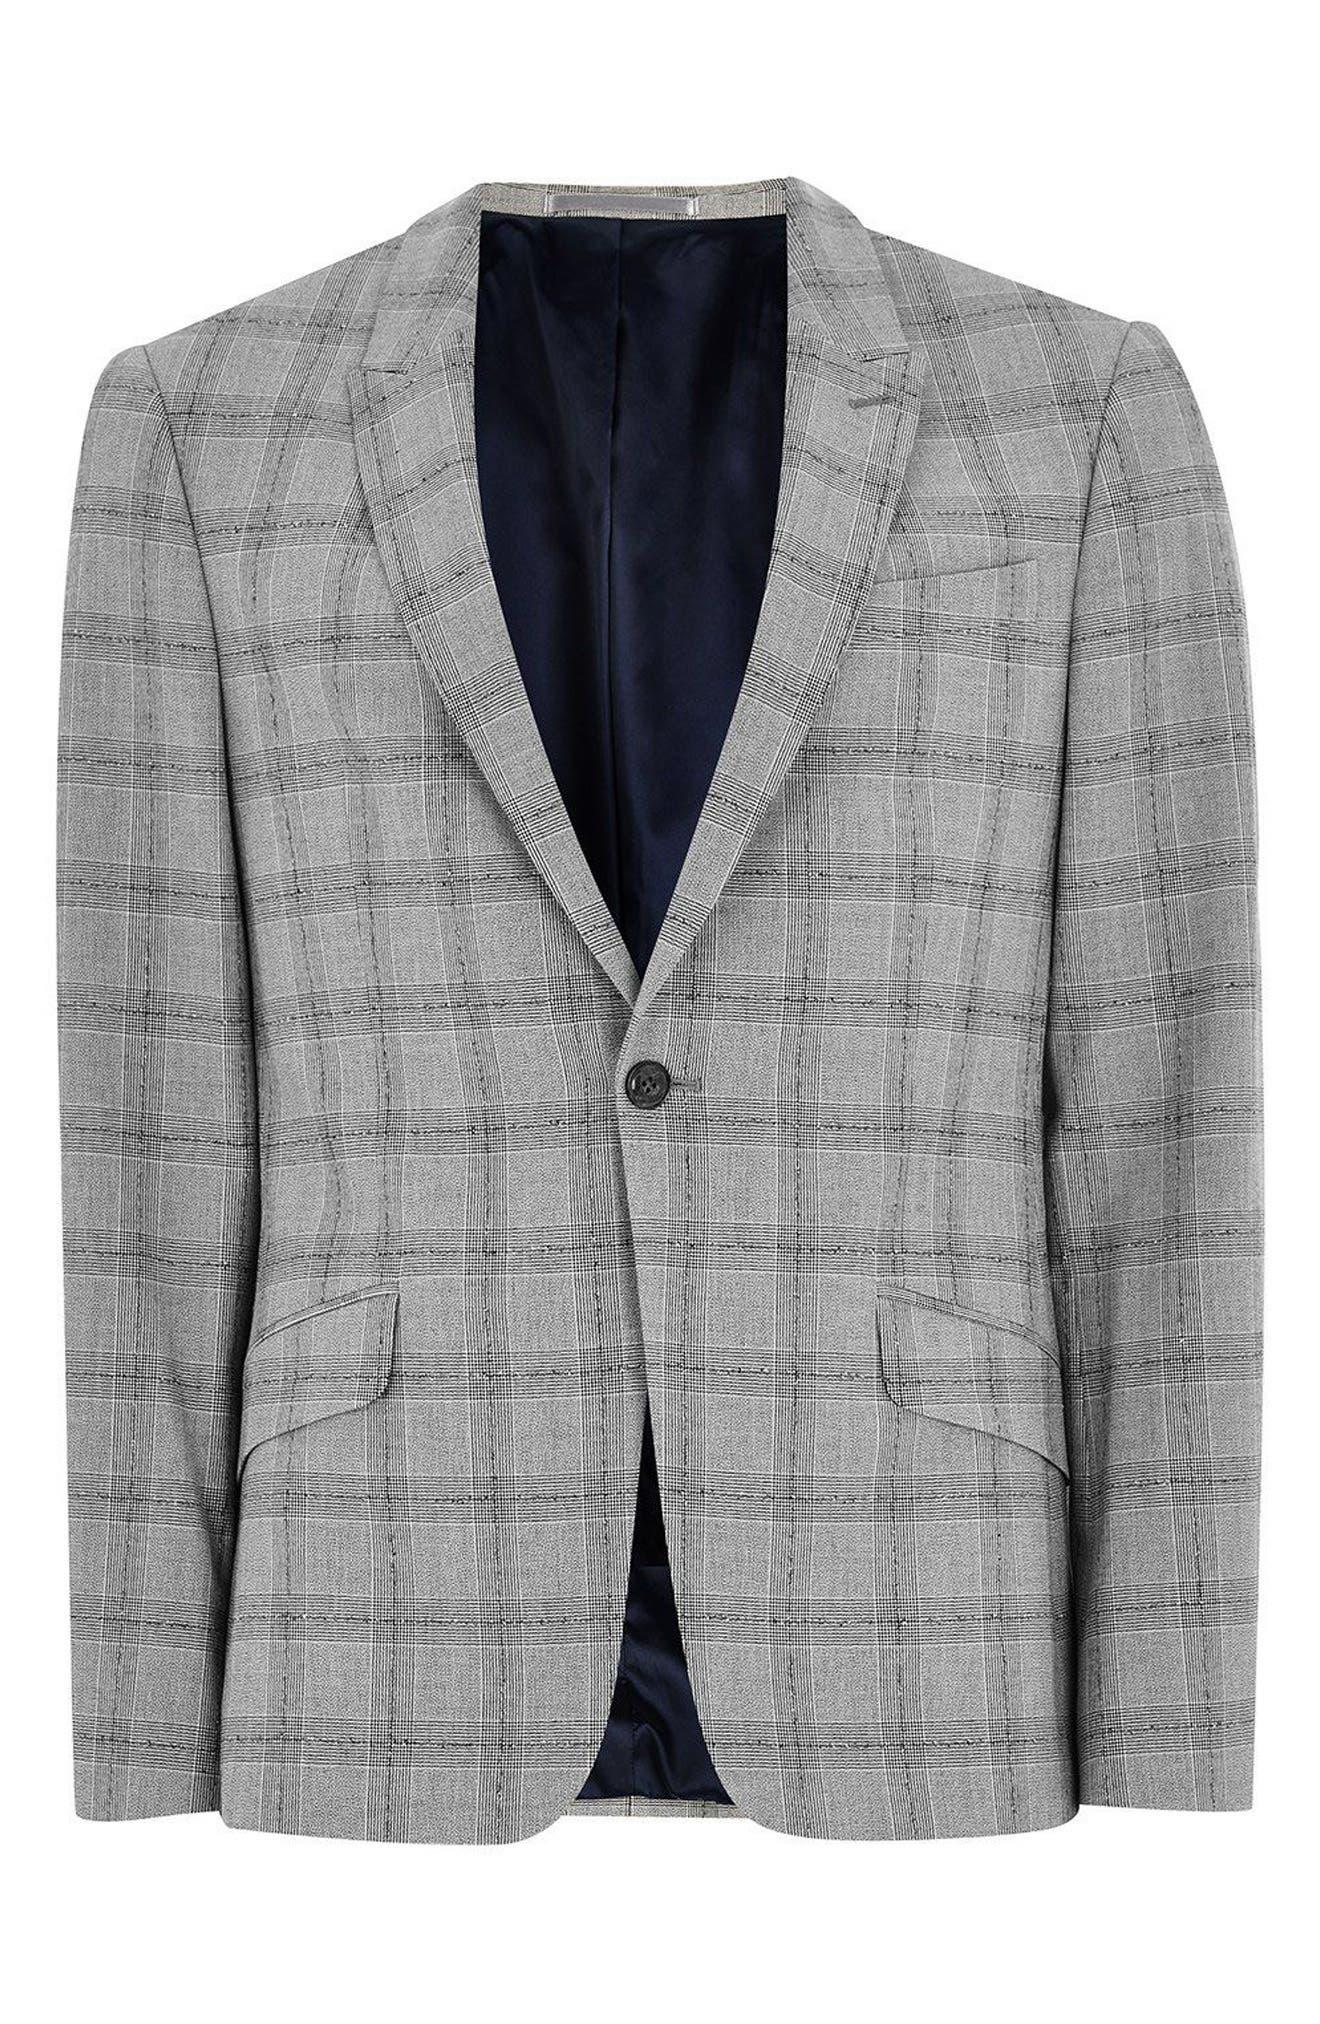 Check Suit Jacket,                             Alternate thumbnail 4, color,                             Grey/ Black